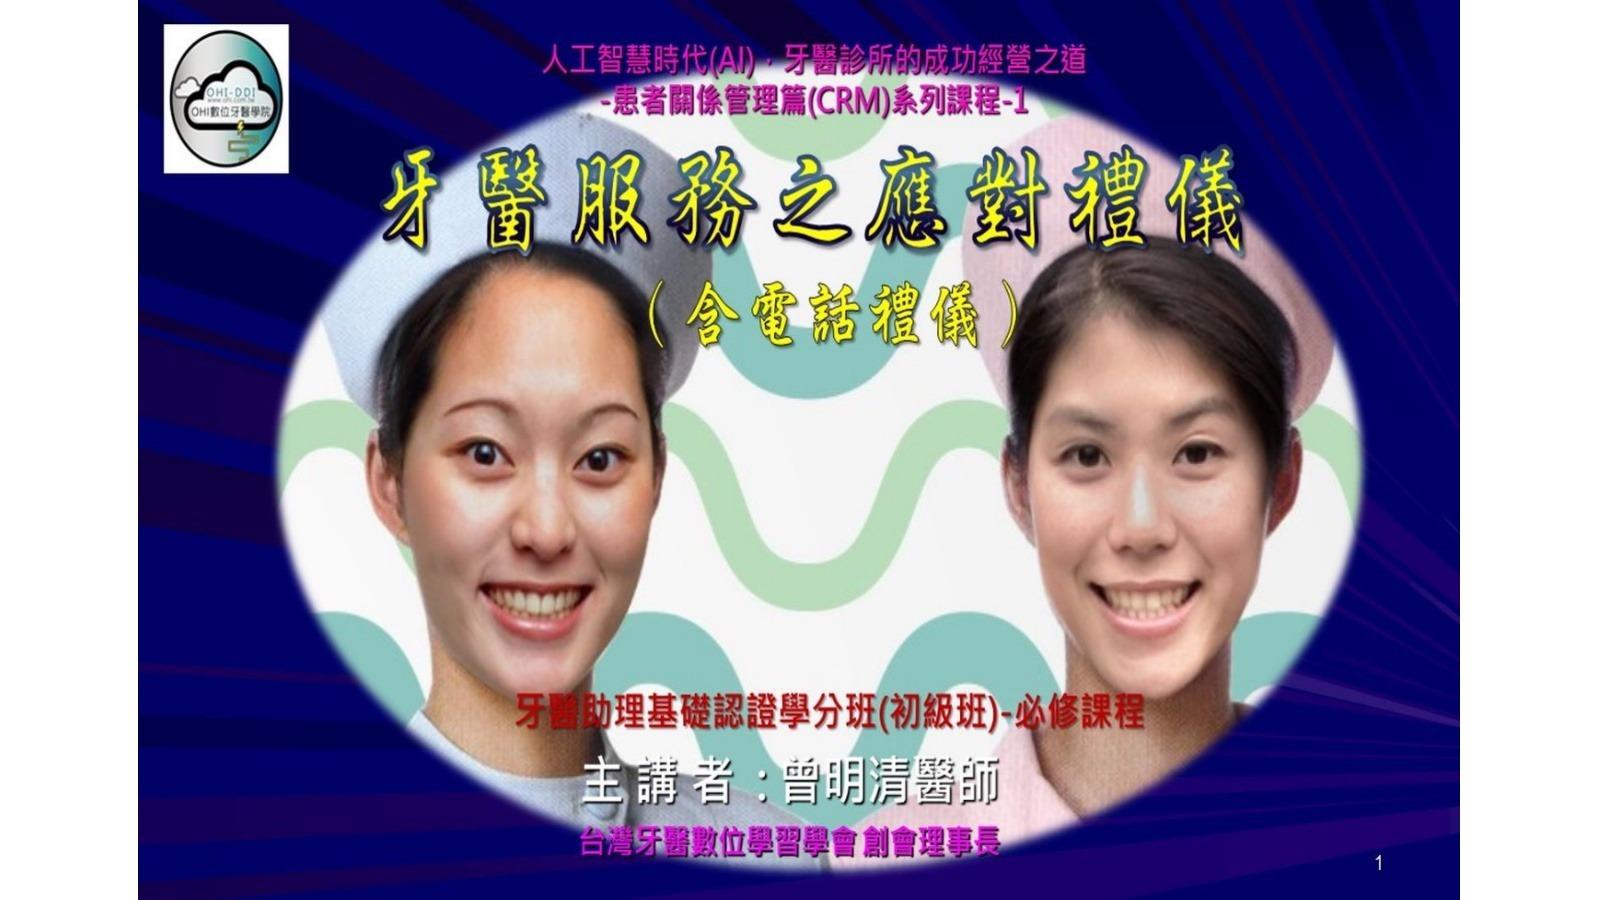 牙醫助理之應對禮儀(含電話禮儀)(初級班必修課程)12/15以前,預約特價只要NT$499元